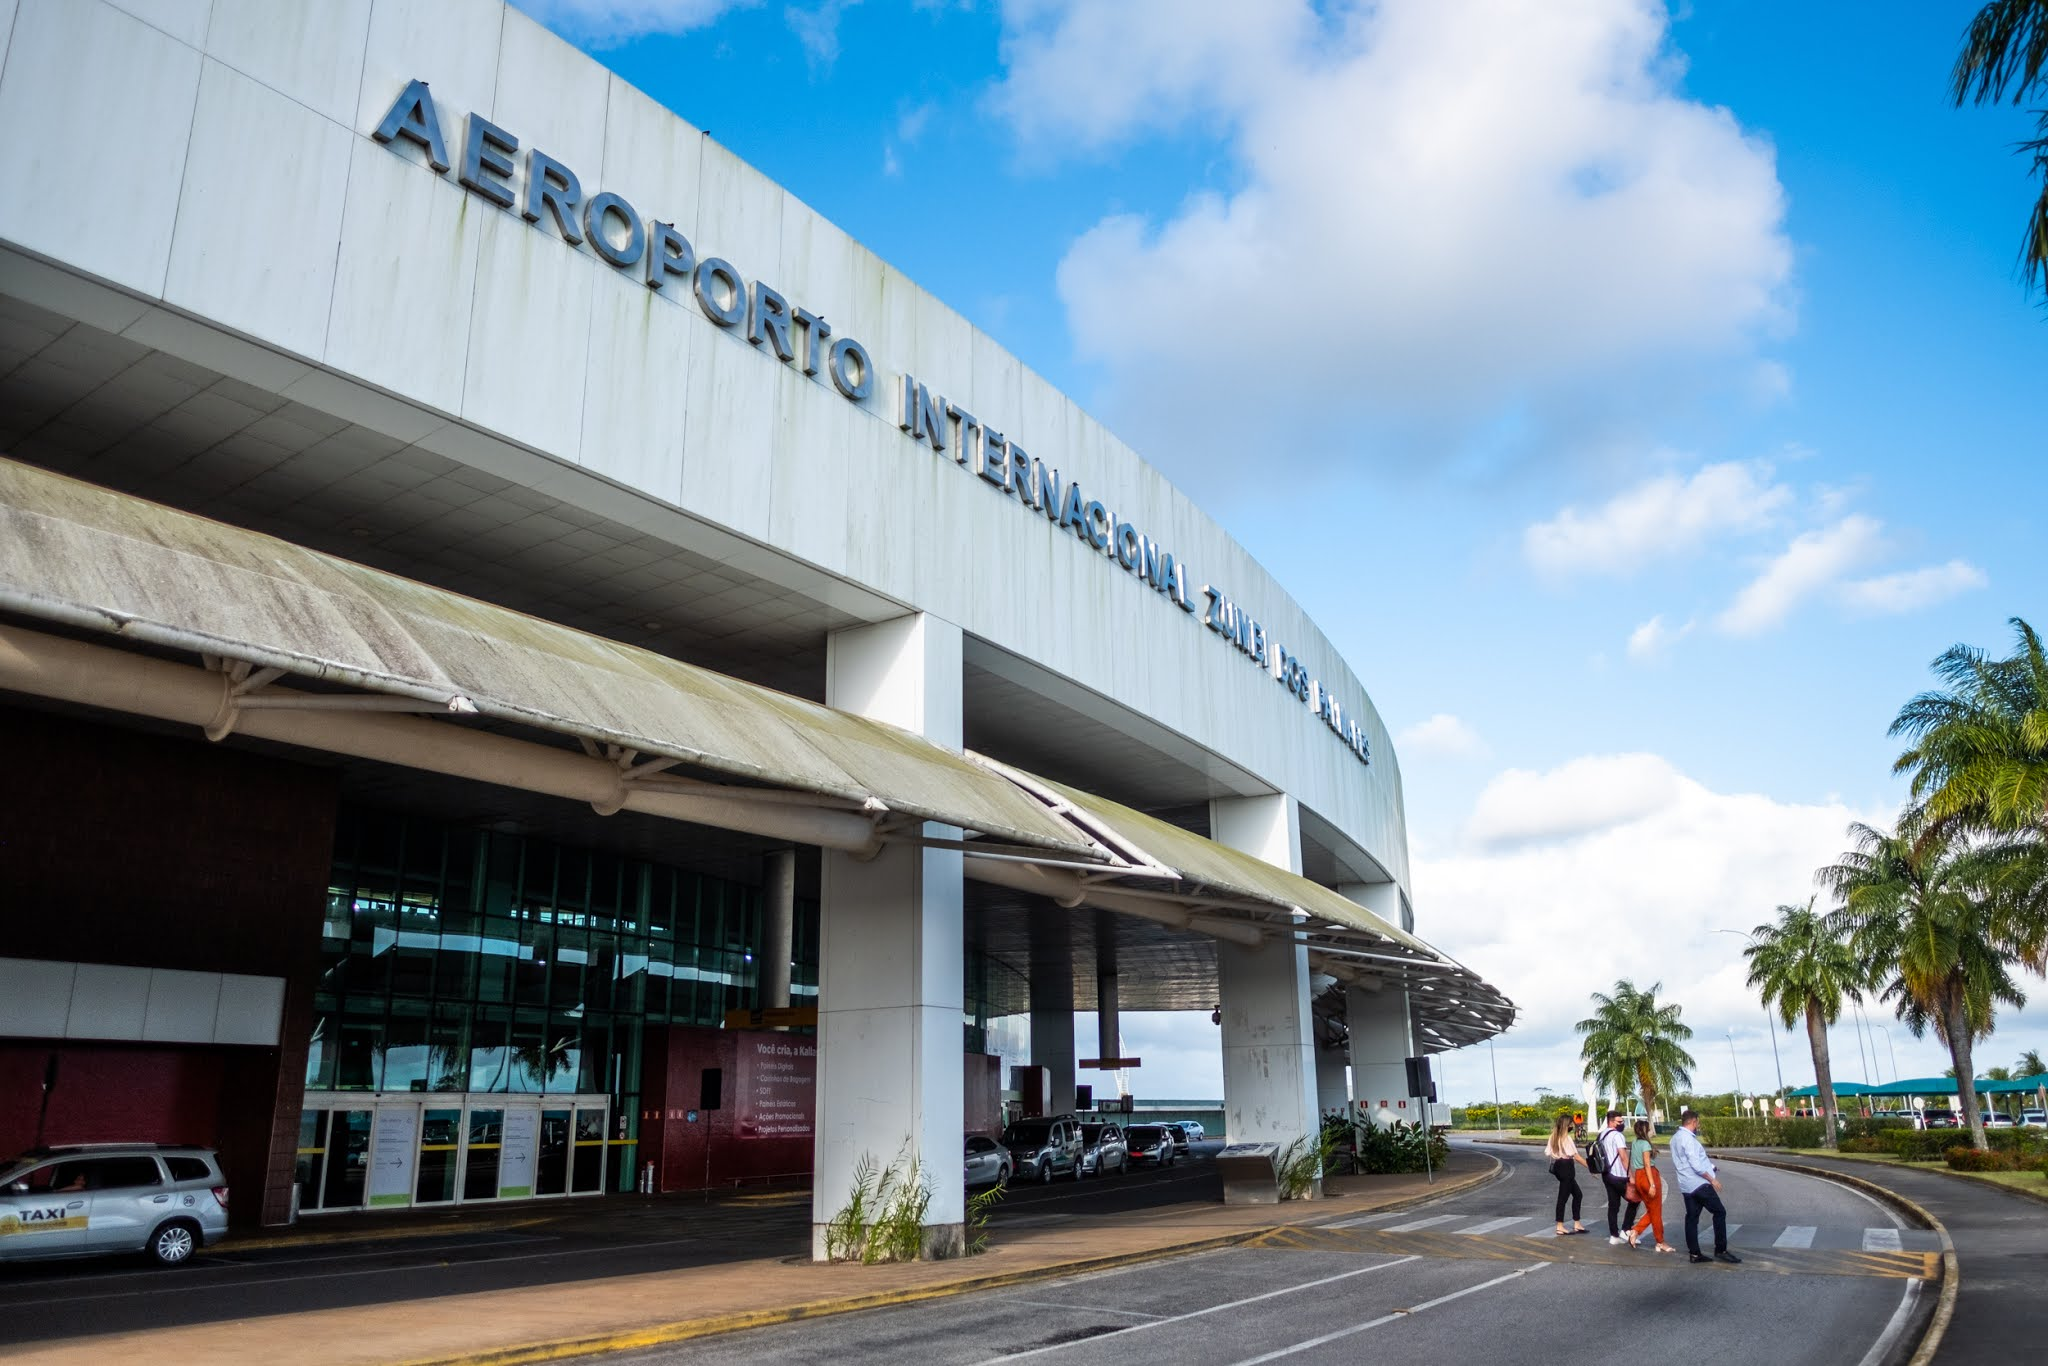 Companhias Aéreas registram ocupação de 80% nos voos aos Finais de Semana para Alagoas